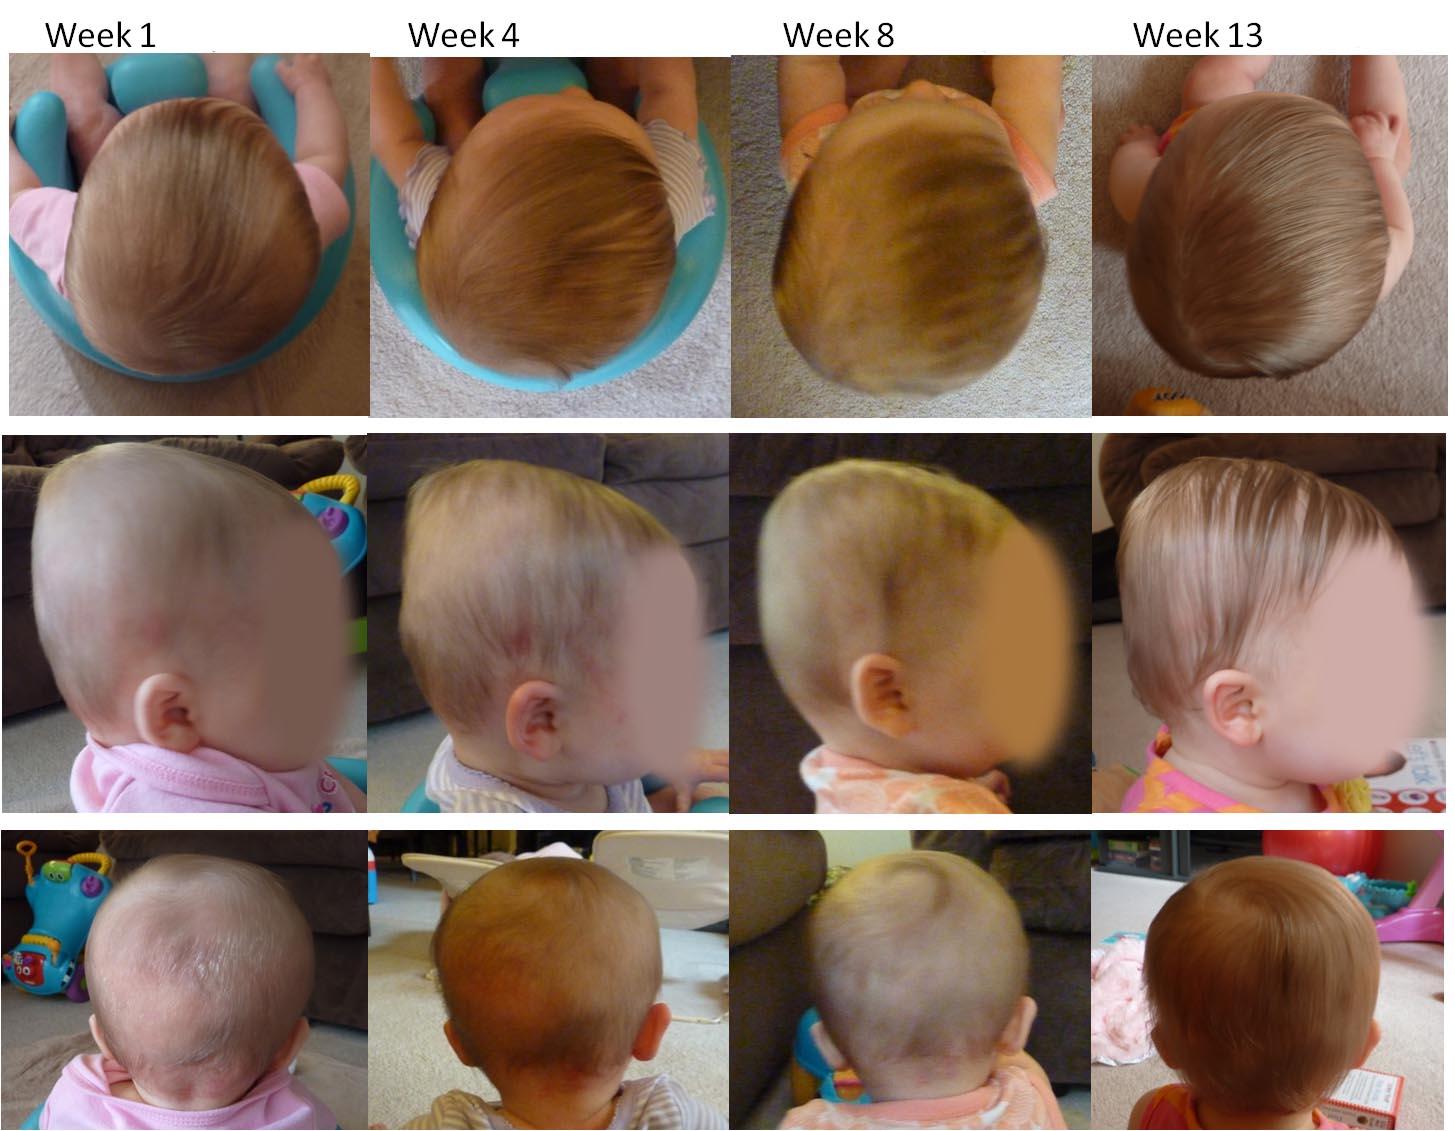 Înțelege ce este plagiocefalia sau sindromul capului turtit la bebeluși